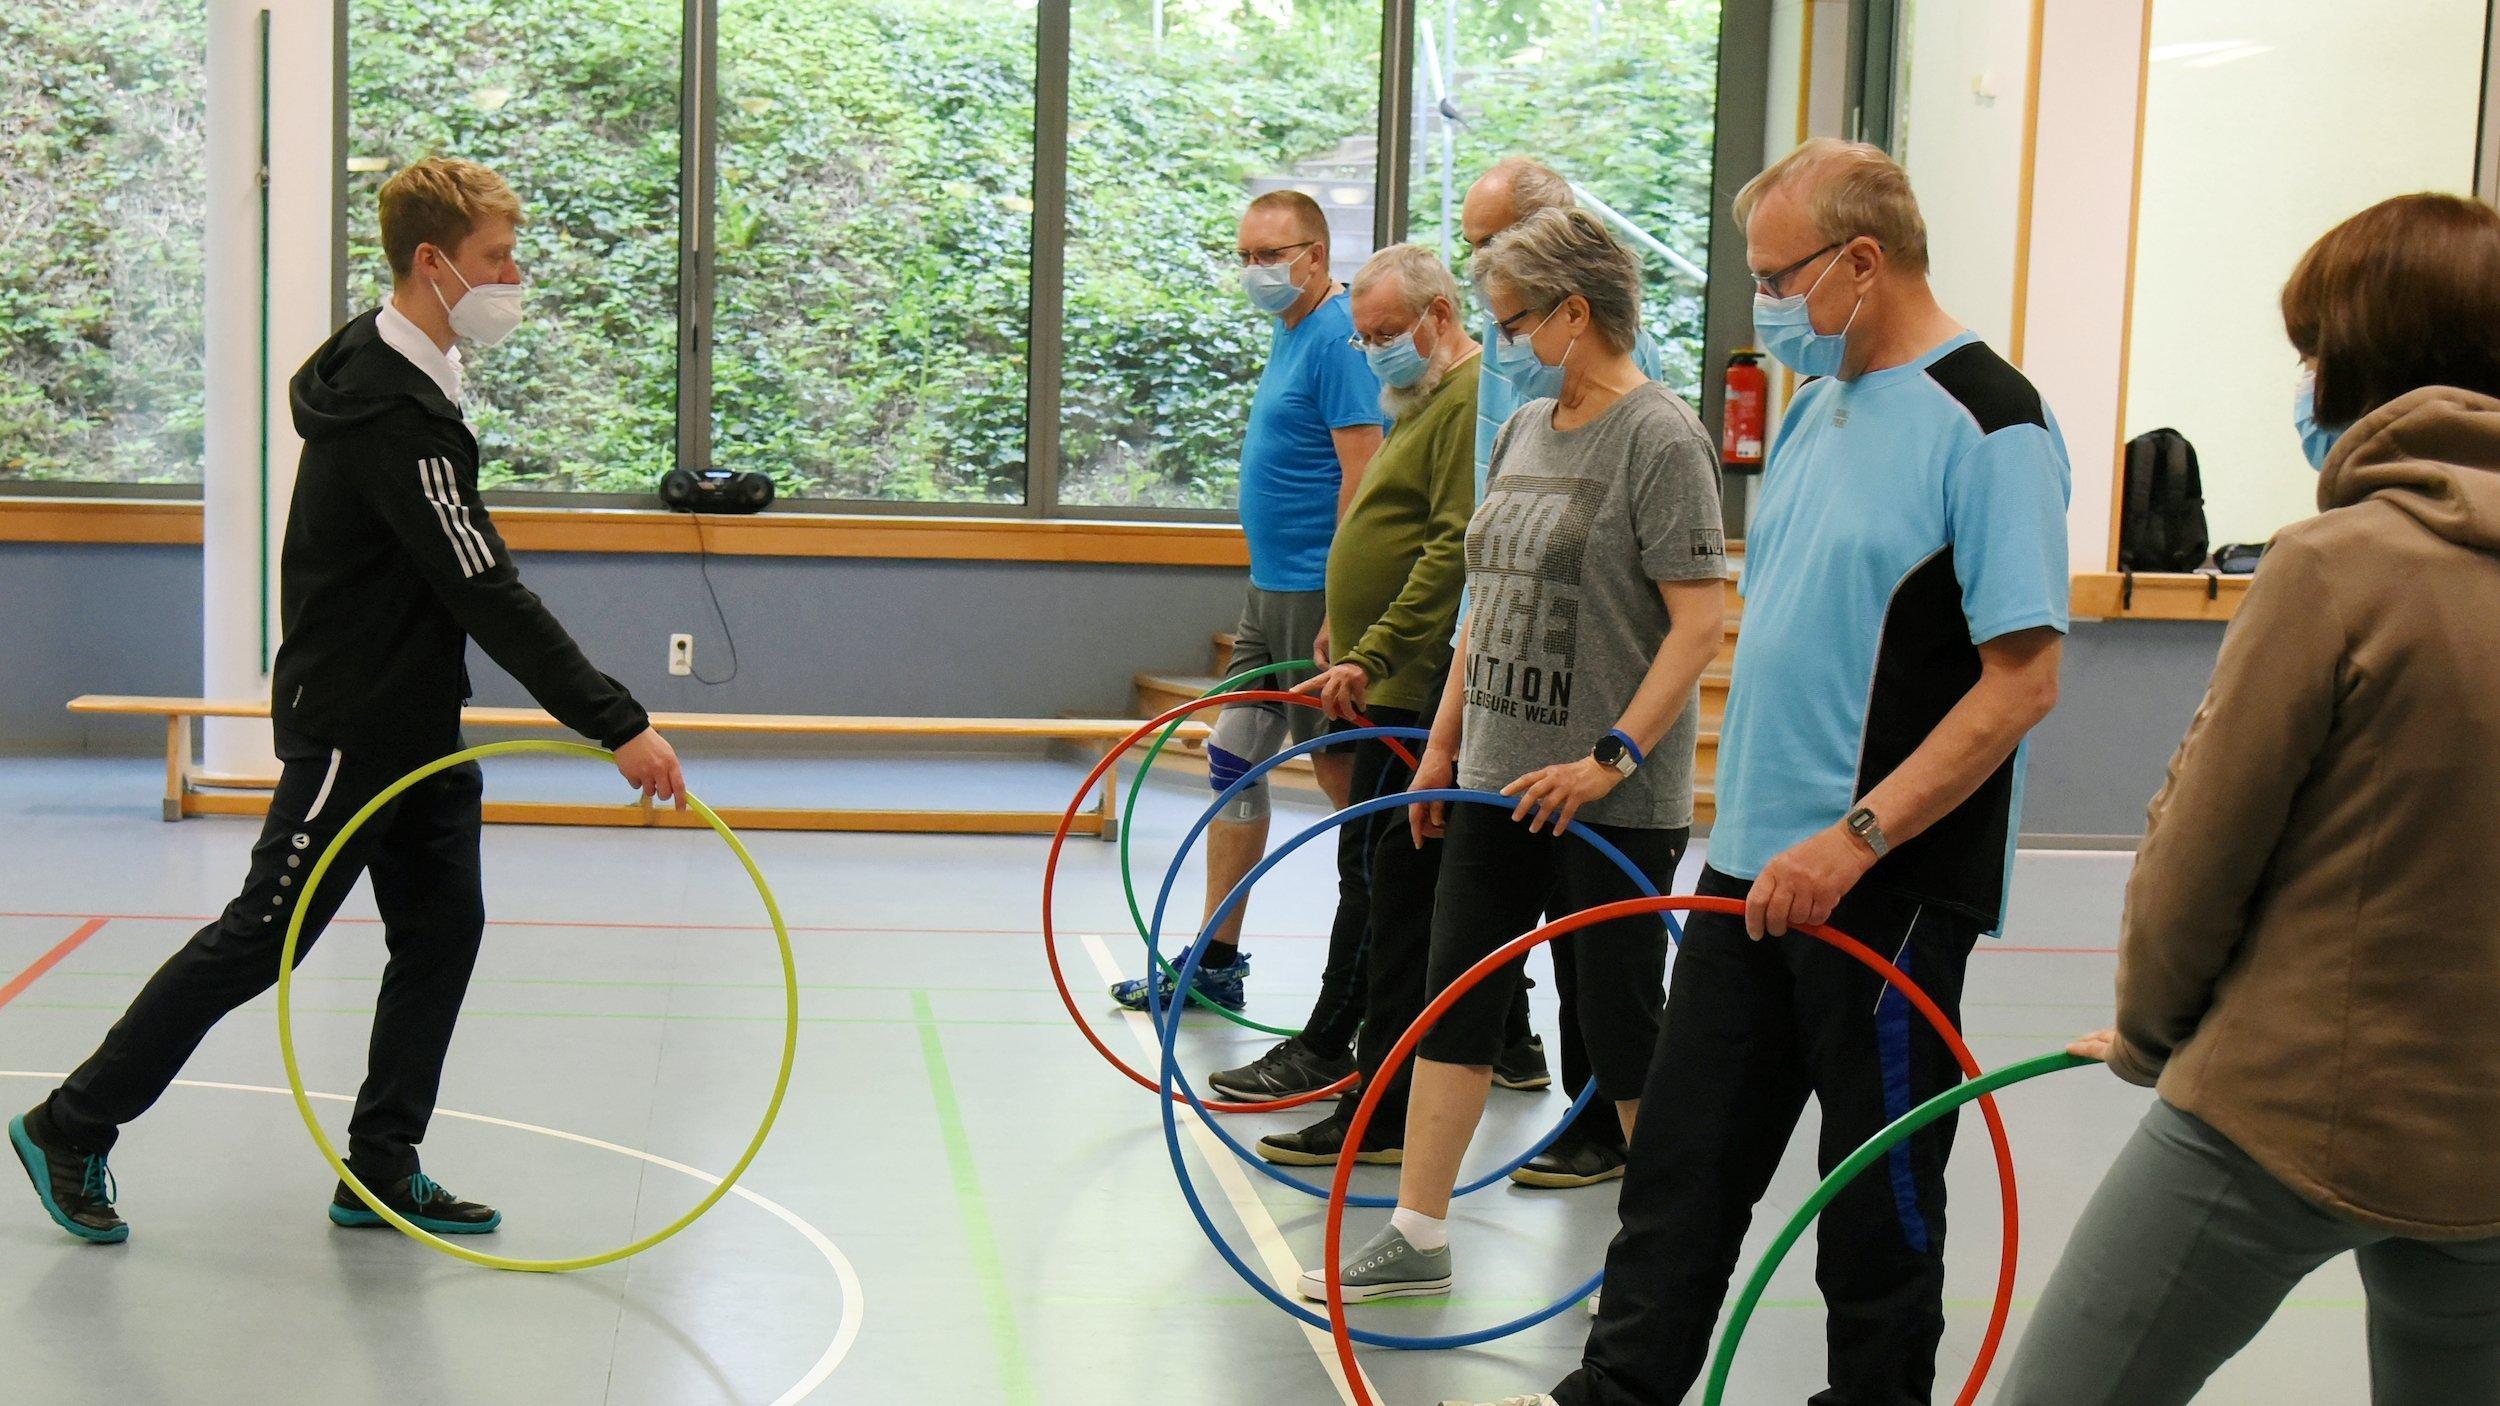 Reha-Therapie, der Trainer zeigt einer Gruppe mittelalter Menschen Bewegungsabläufe mit einem Gymnastikreifen